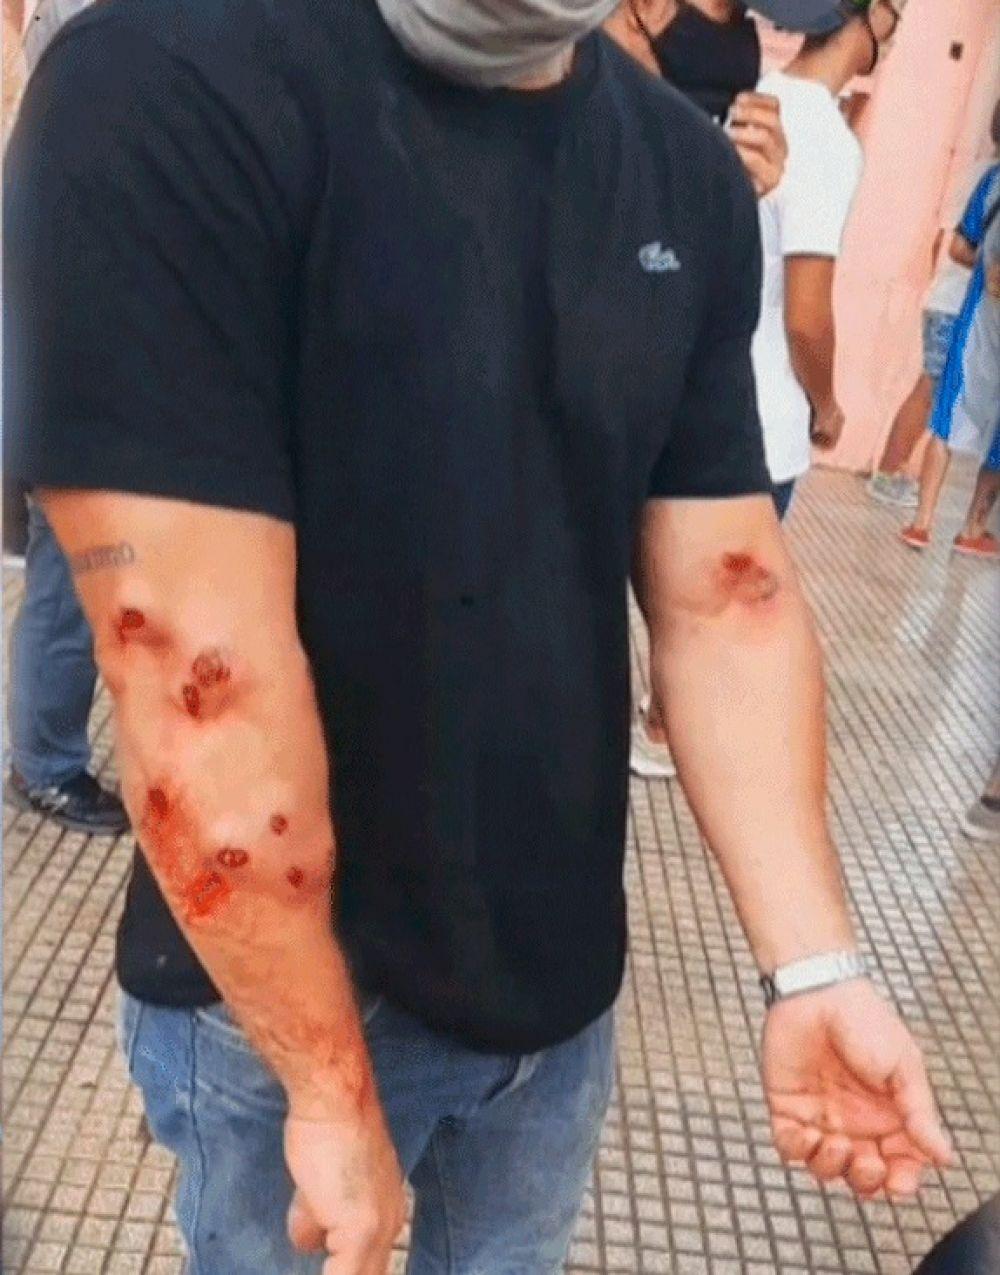 Incidentes en Formosa: Fue una reunión convocada por opositores